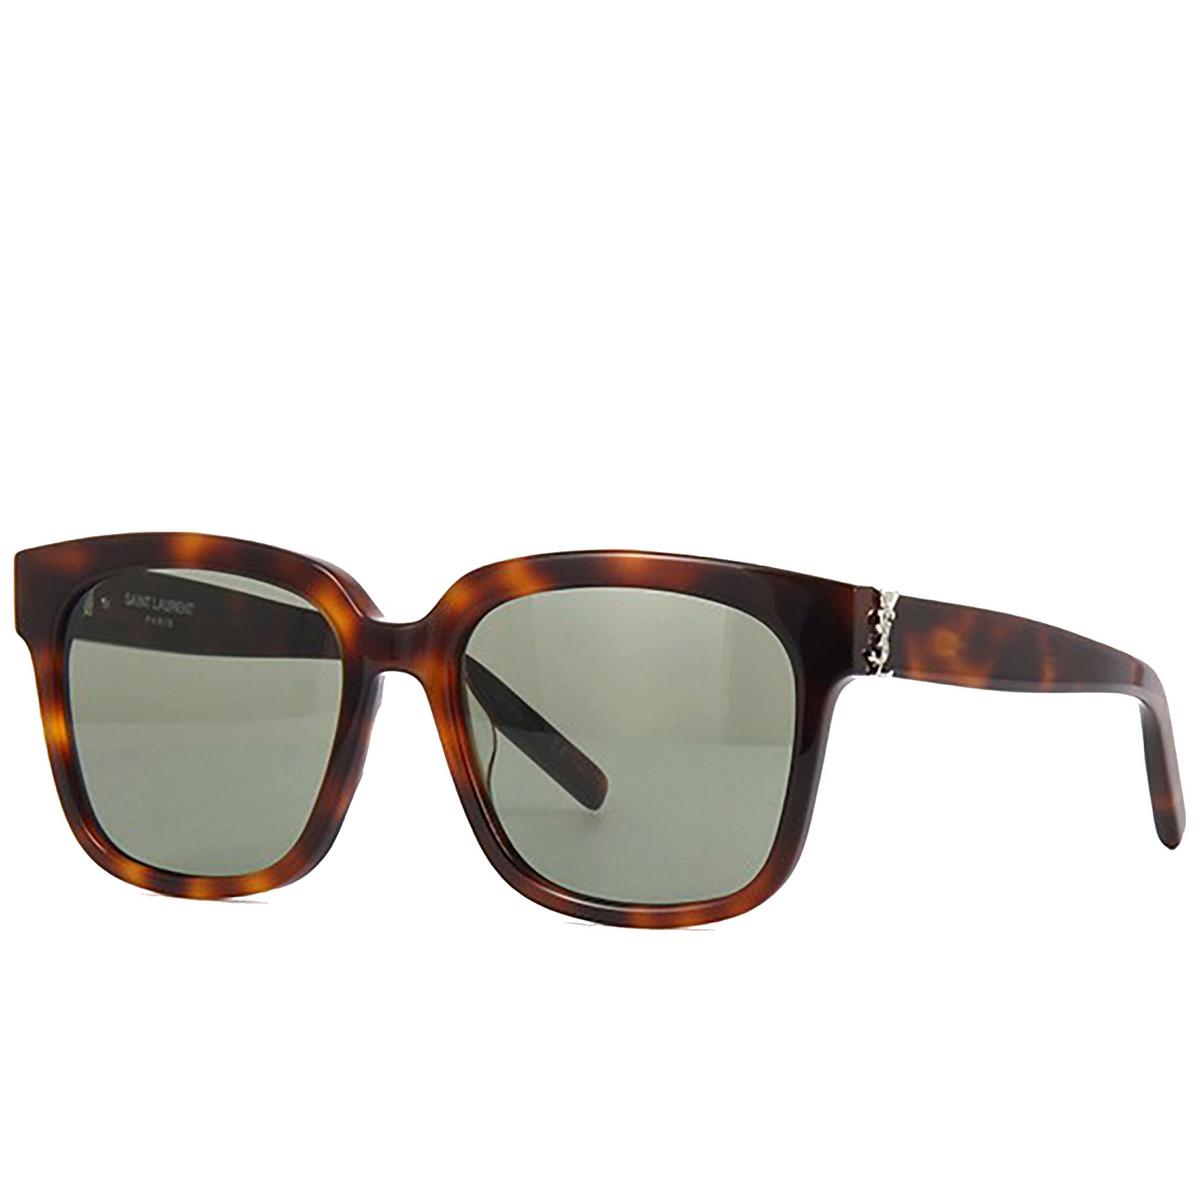 Saint Laurent® Square Sunglasses: SL M40 color Havana 005 - 2/3.